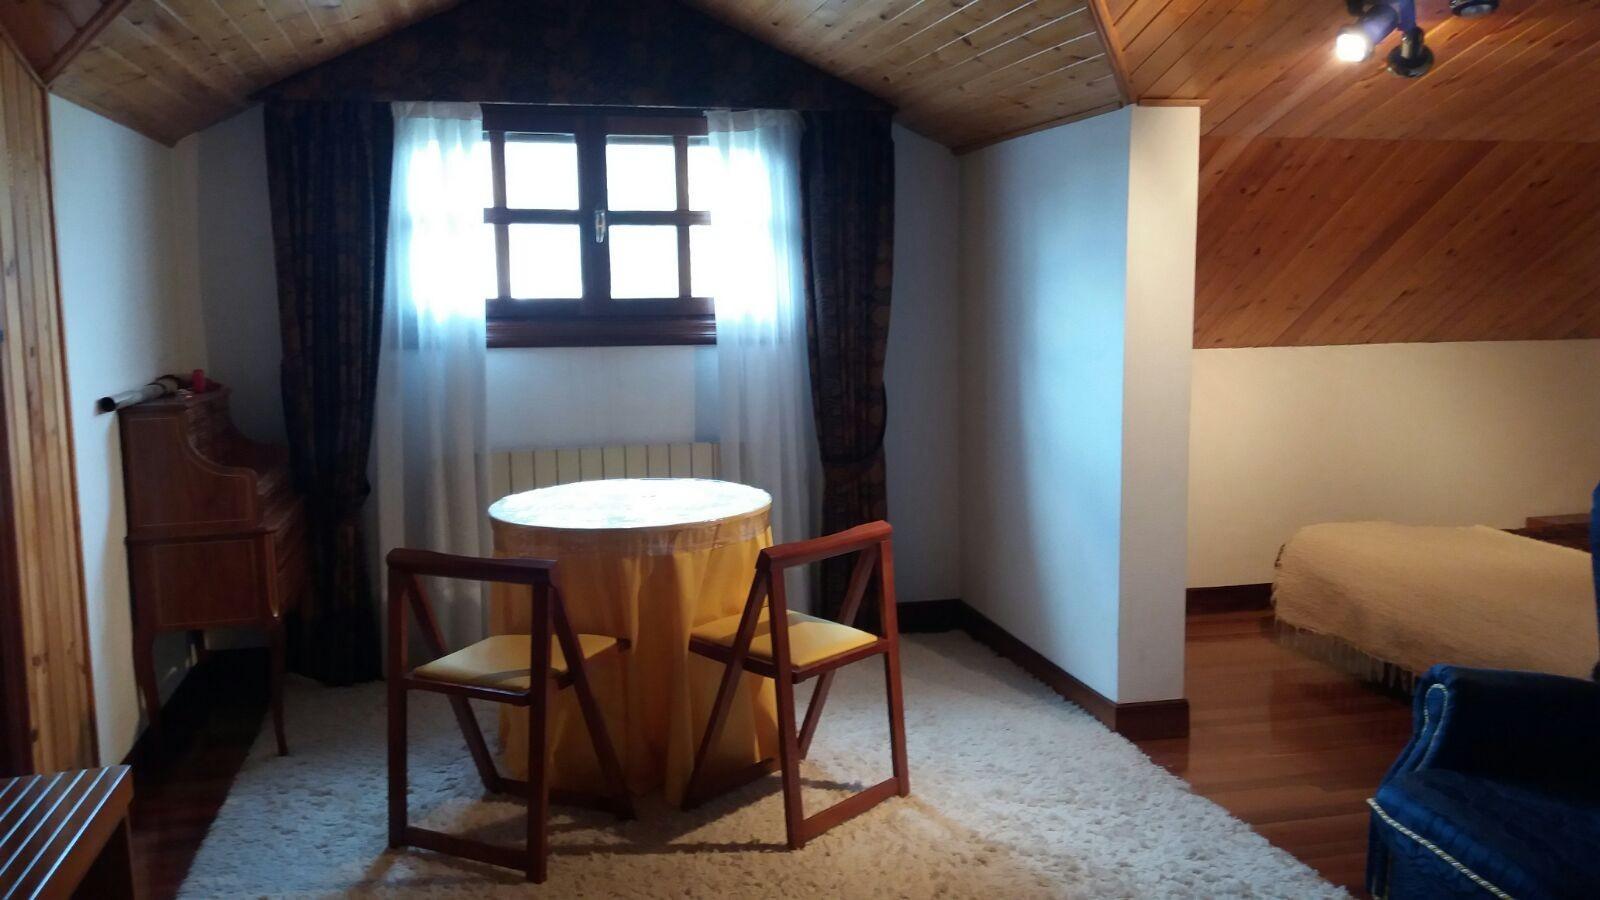 Habitacin impecable con zona privada de saln y vestidor Alquiler